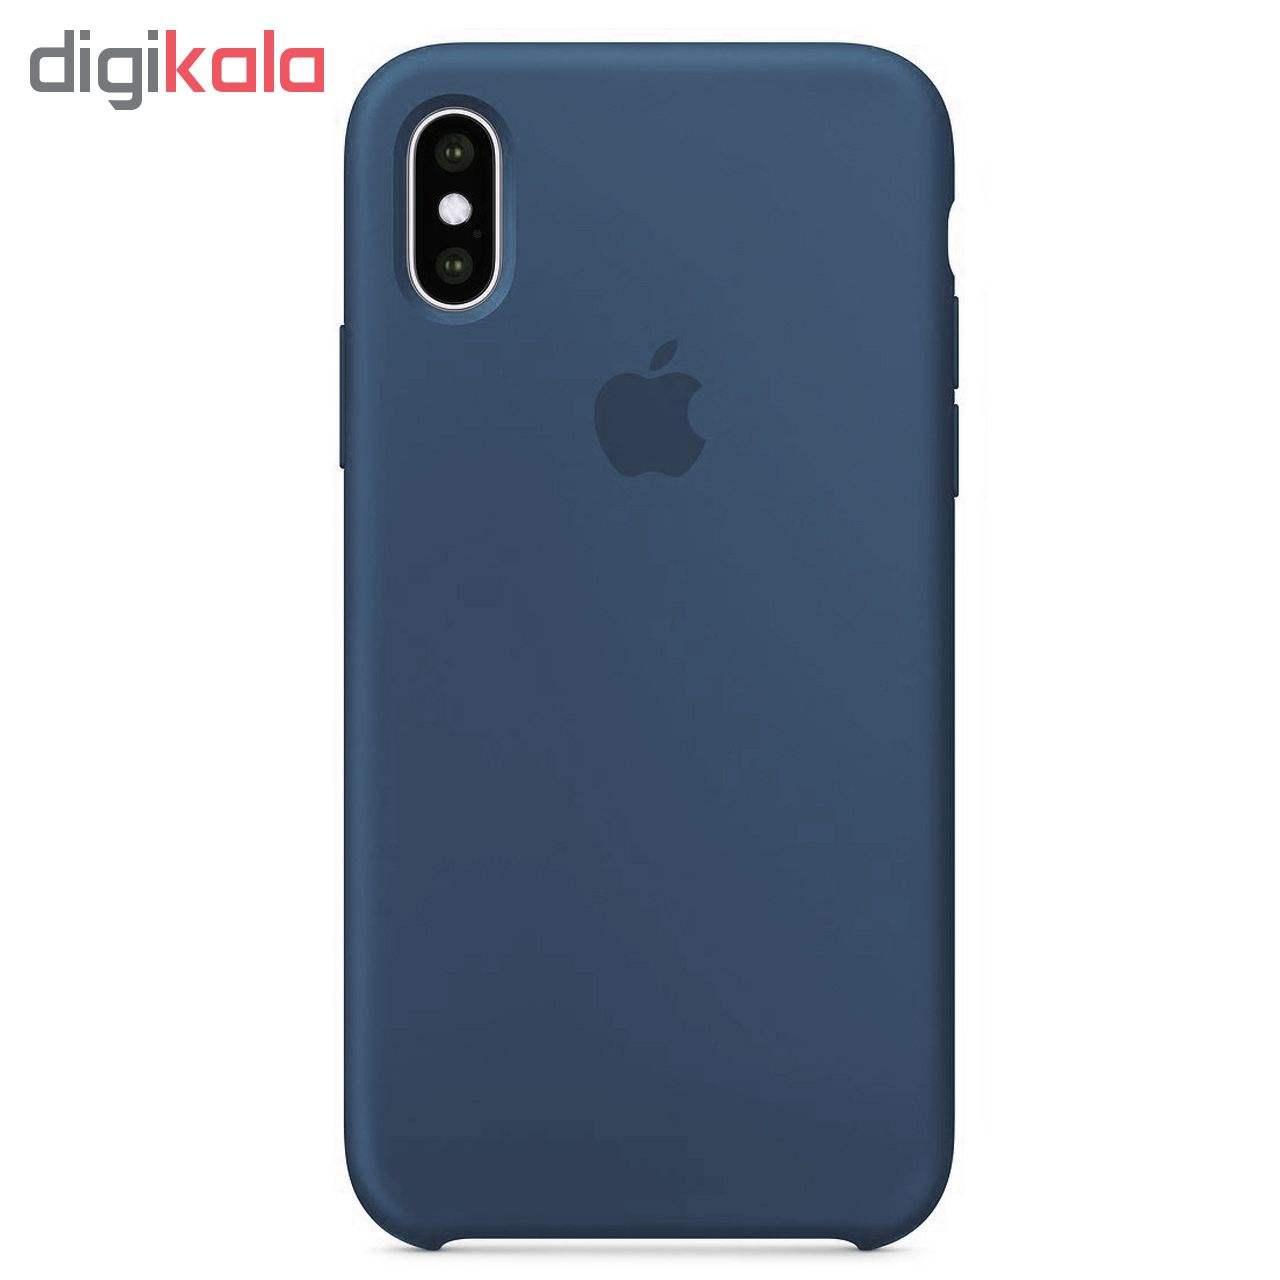 کاور مدل sili004 مناسب برای گوشی موبایل اپل Iphone XS Max main 1 10